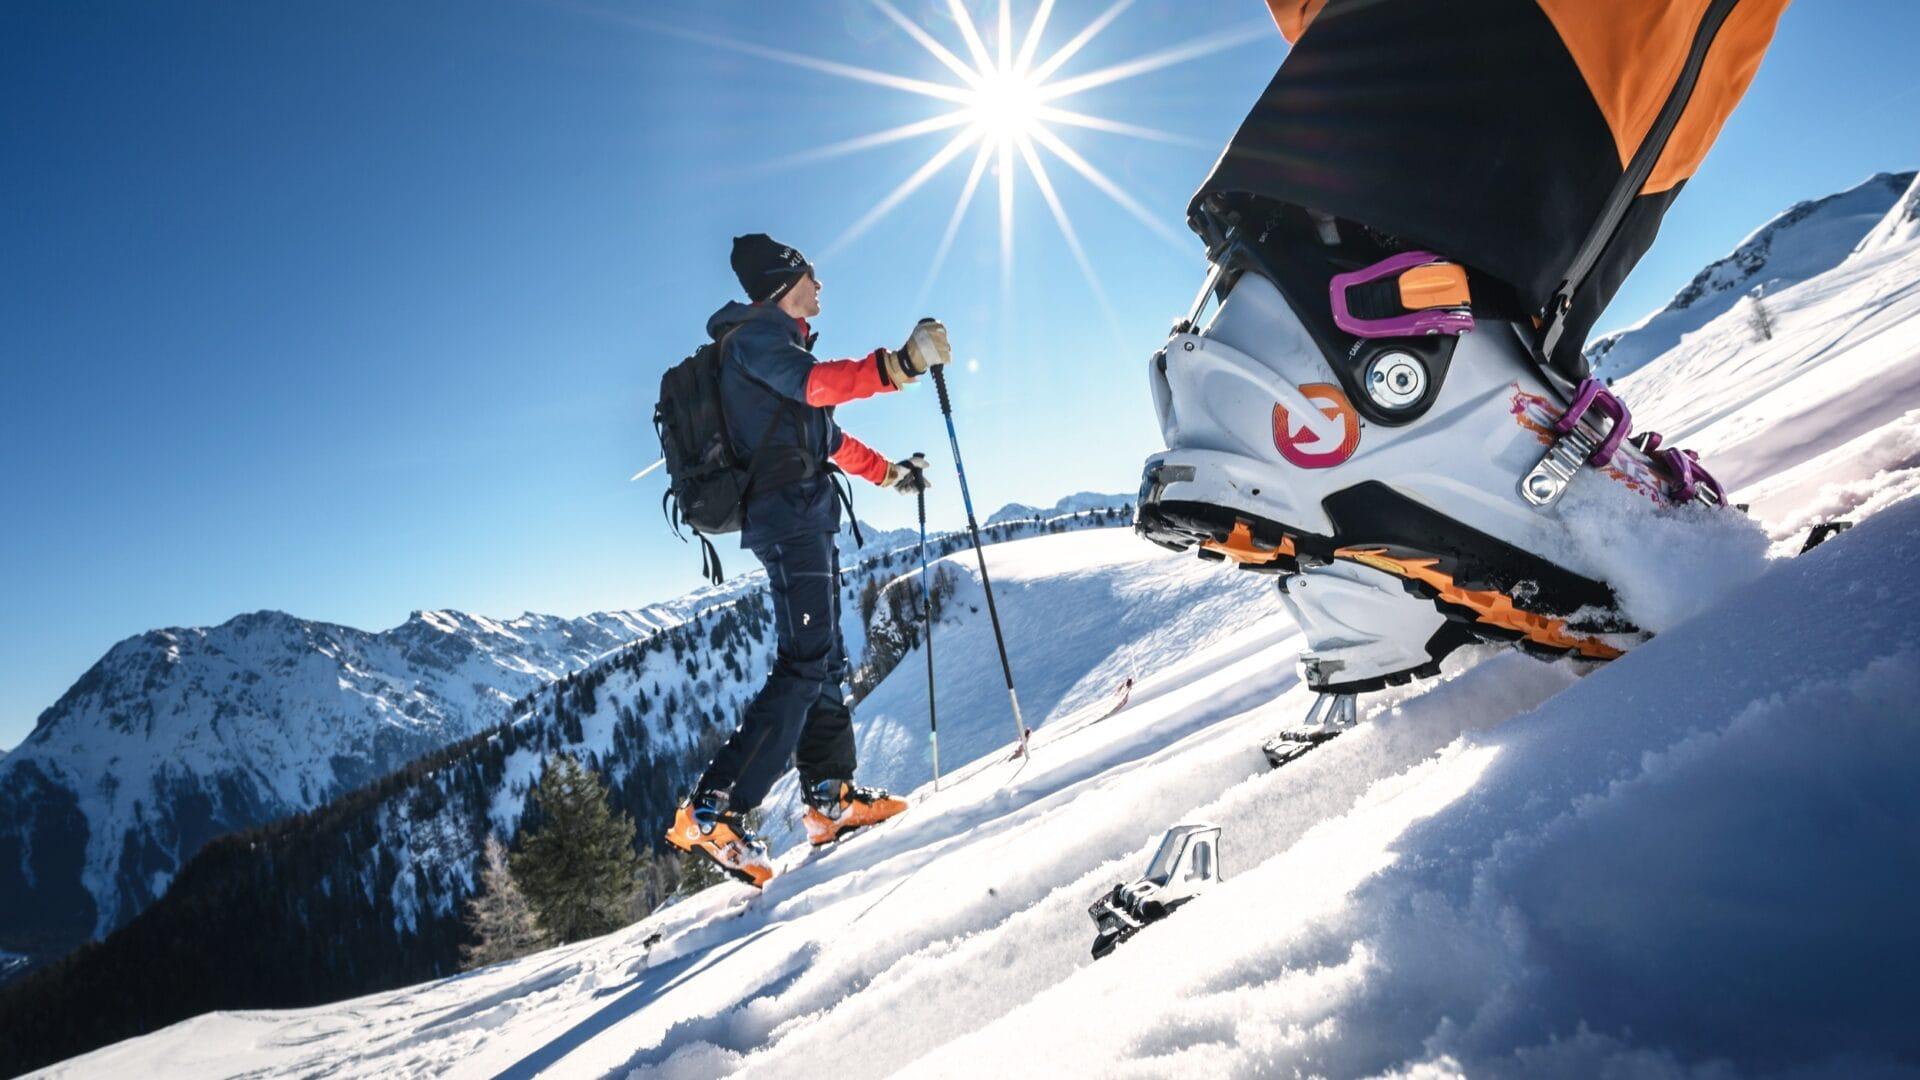 Erleben-im-Hofgut-fuer-Sportler-Skitourenerlebnis